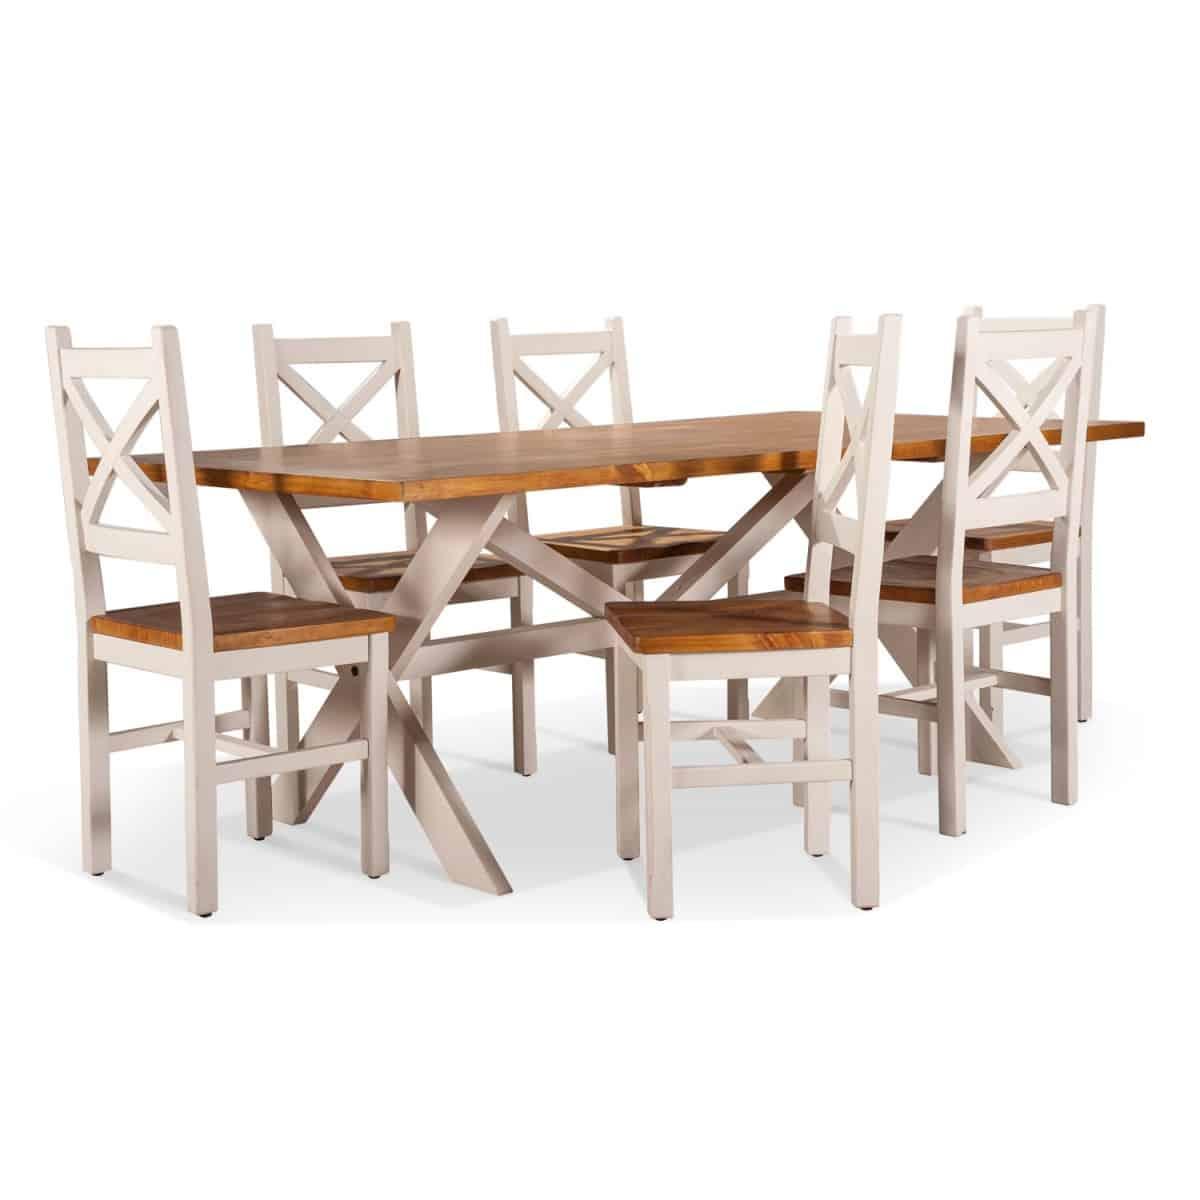 Table à manger Bois Blanc 210x105x77cm